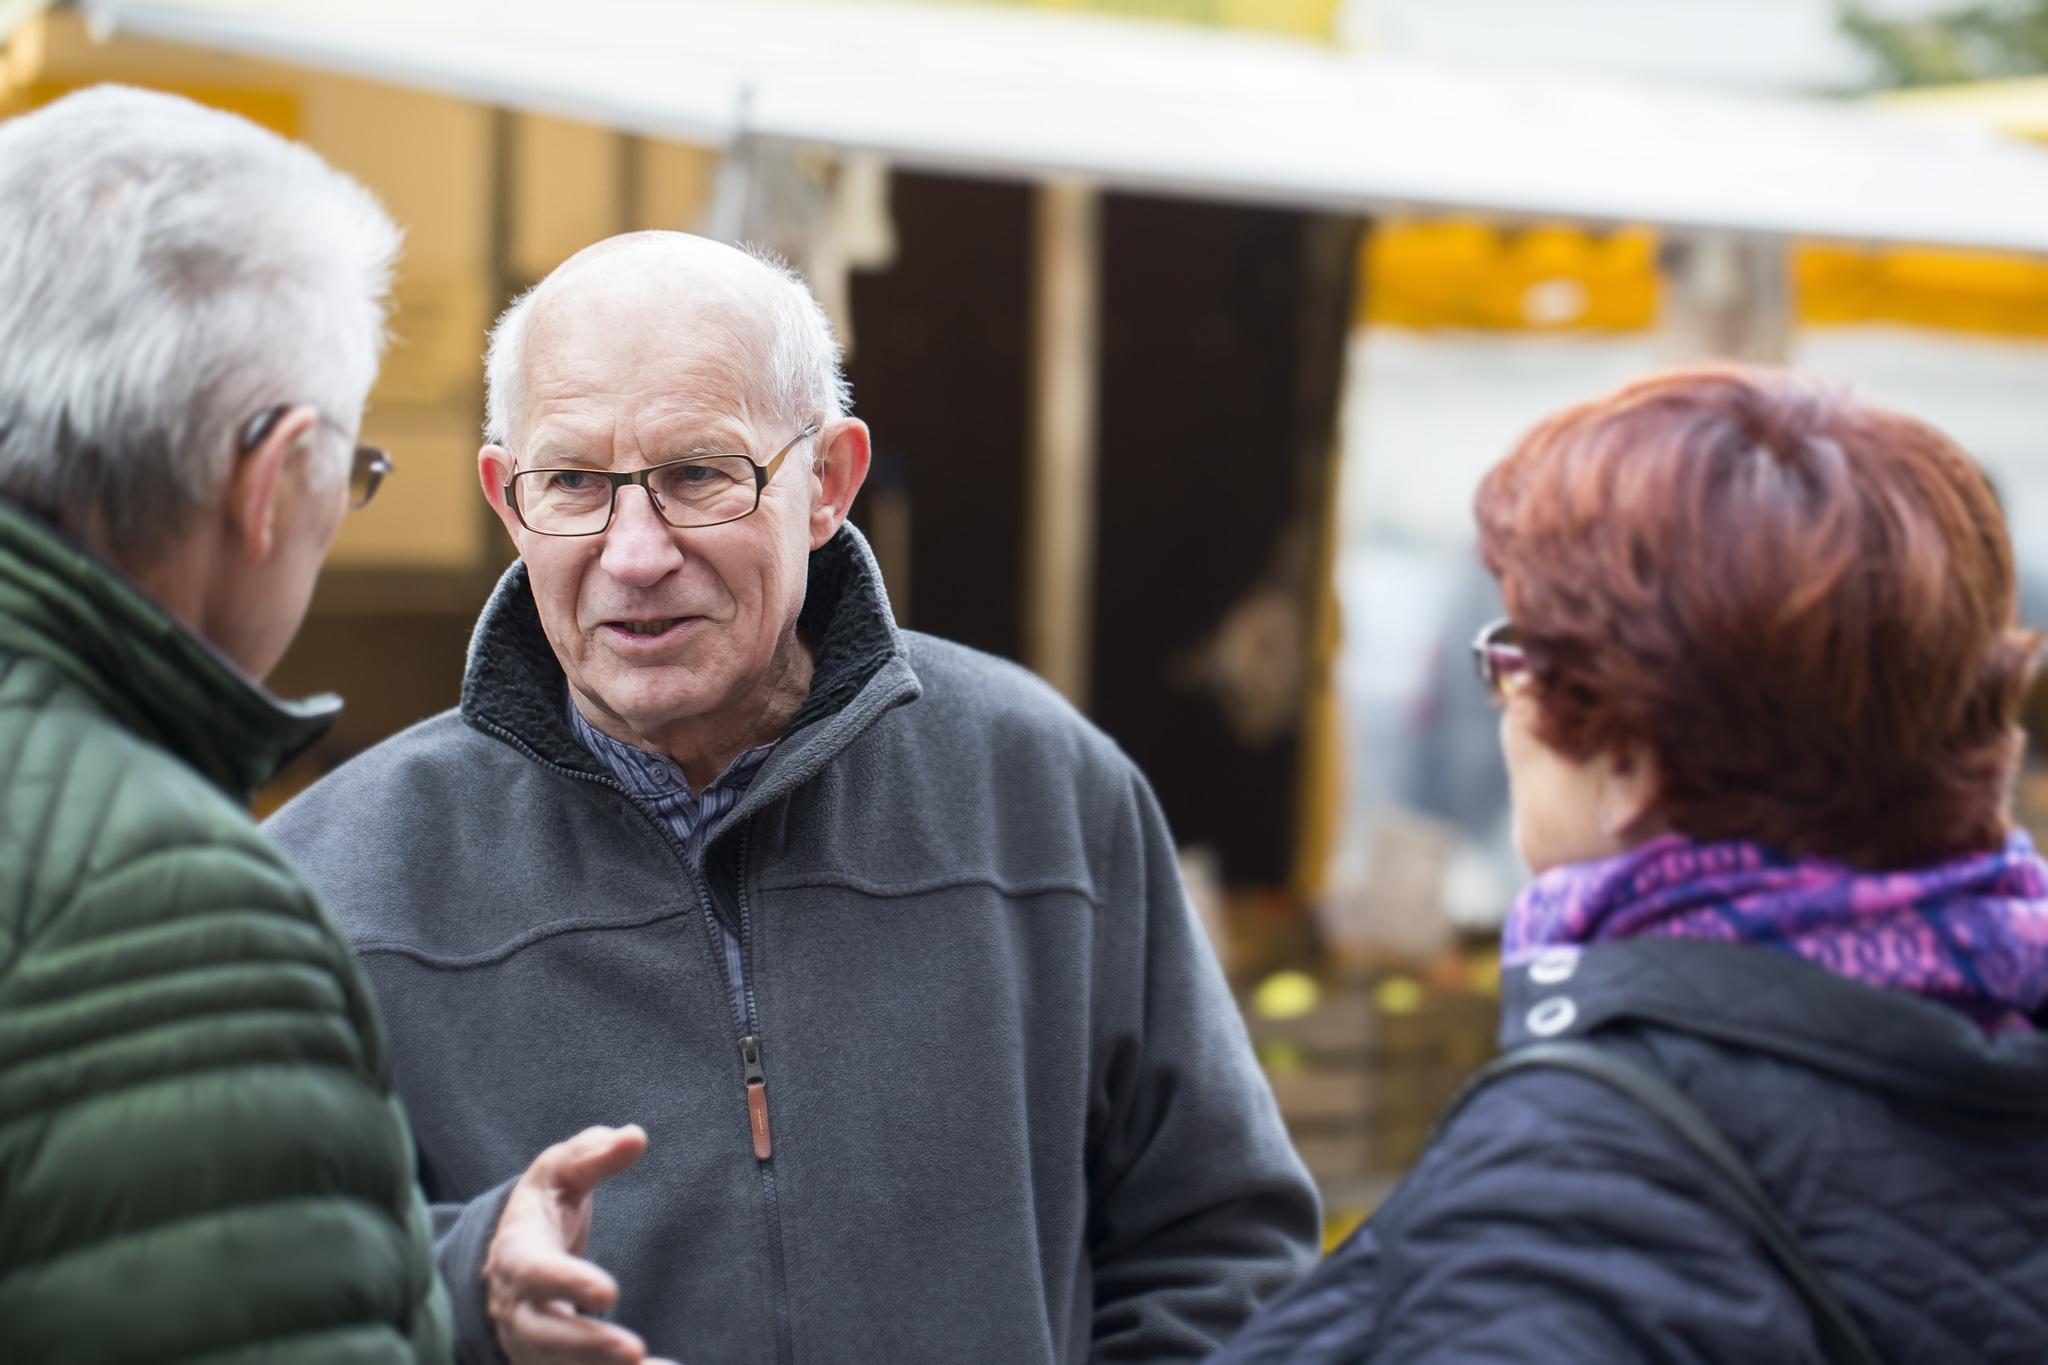 Drei Kunden mit kleinen Hörgeräten im Gespräch auf dem Markt in Hannover